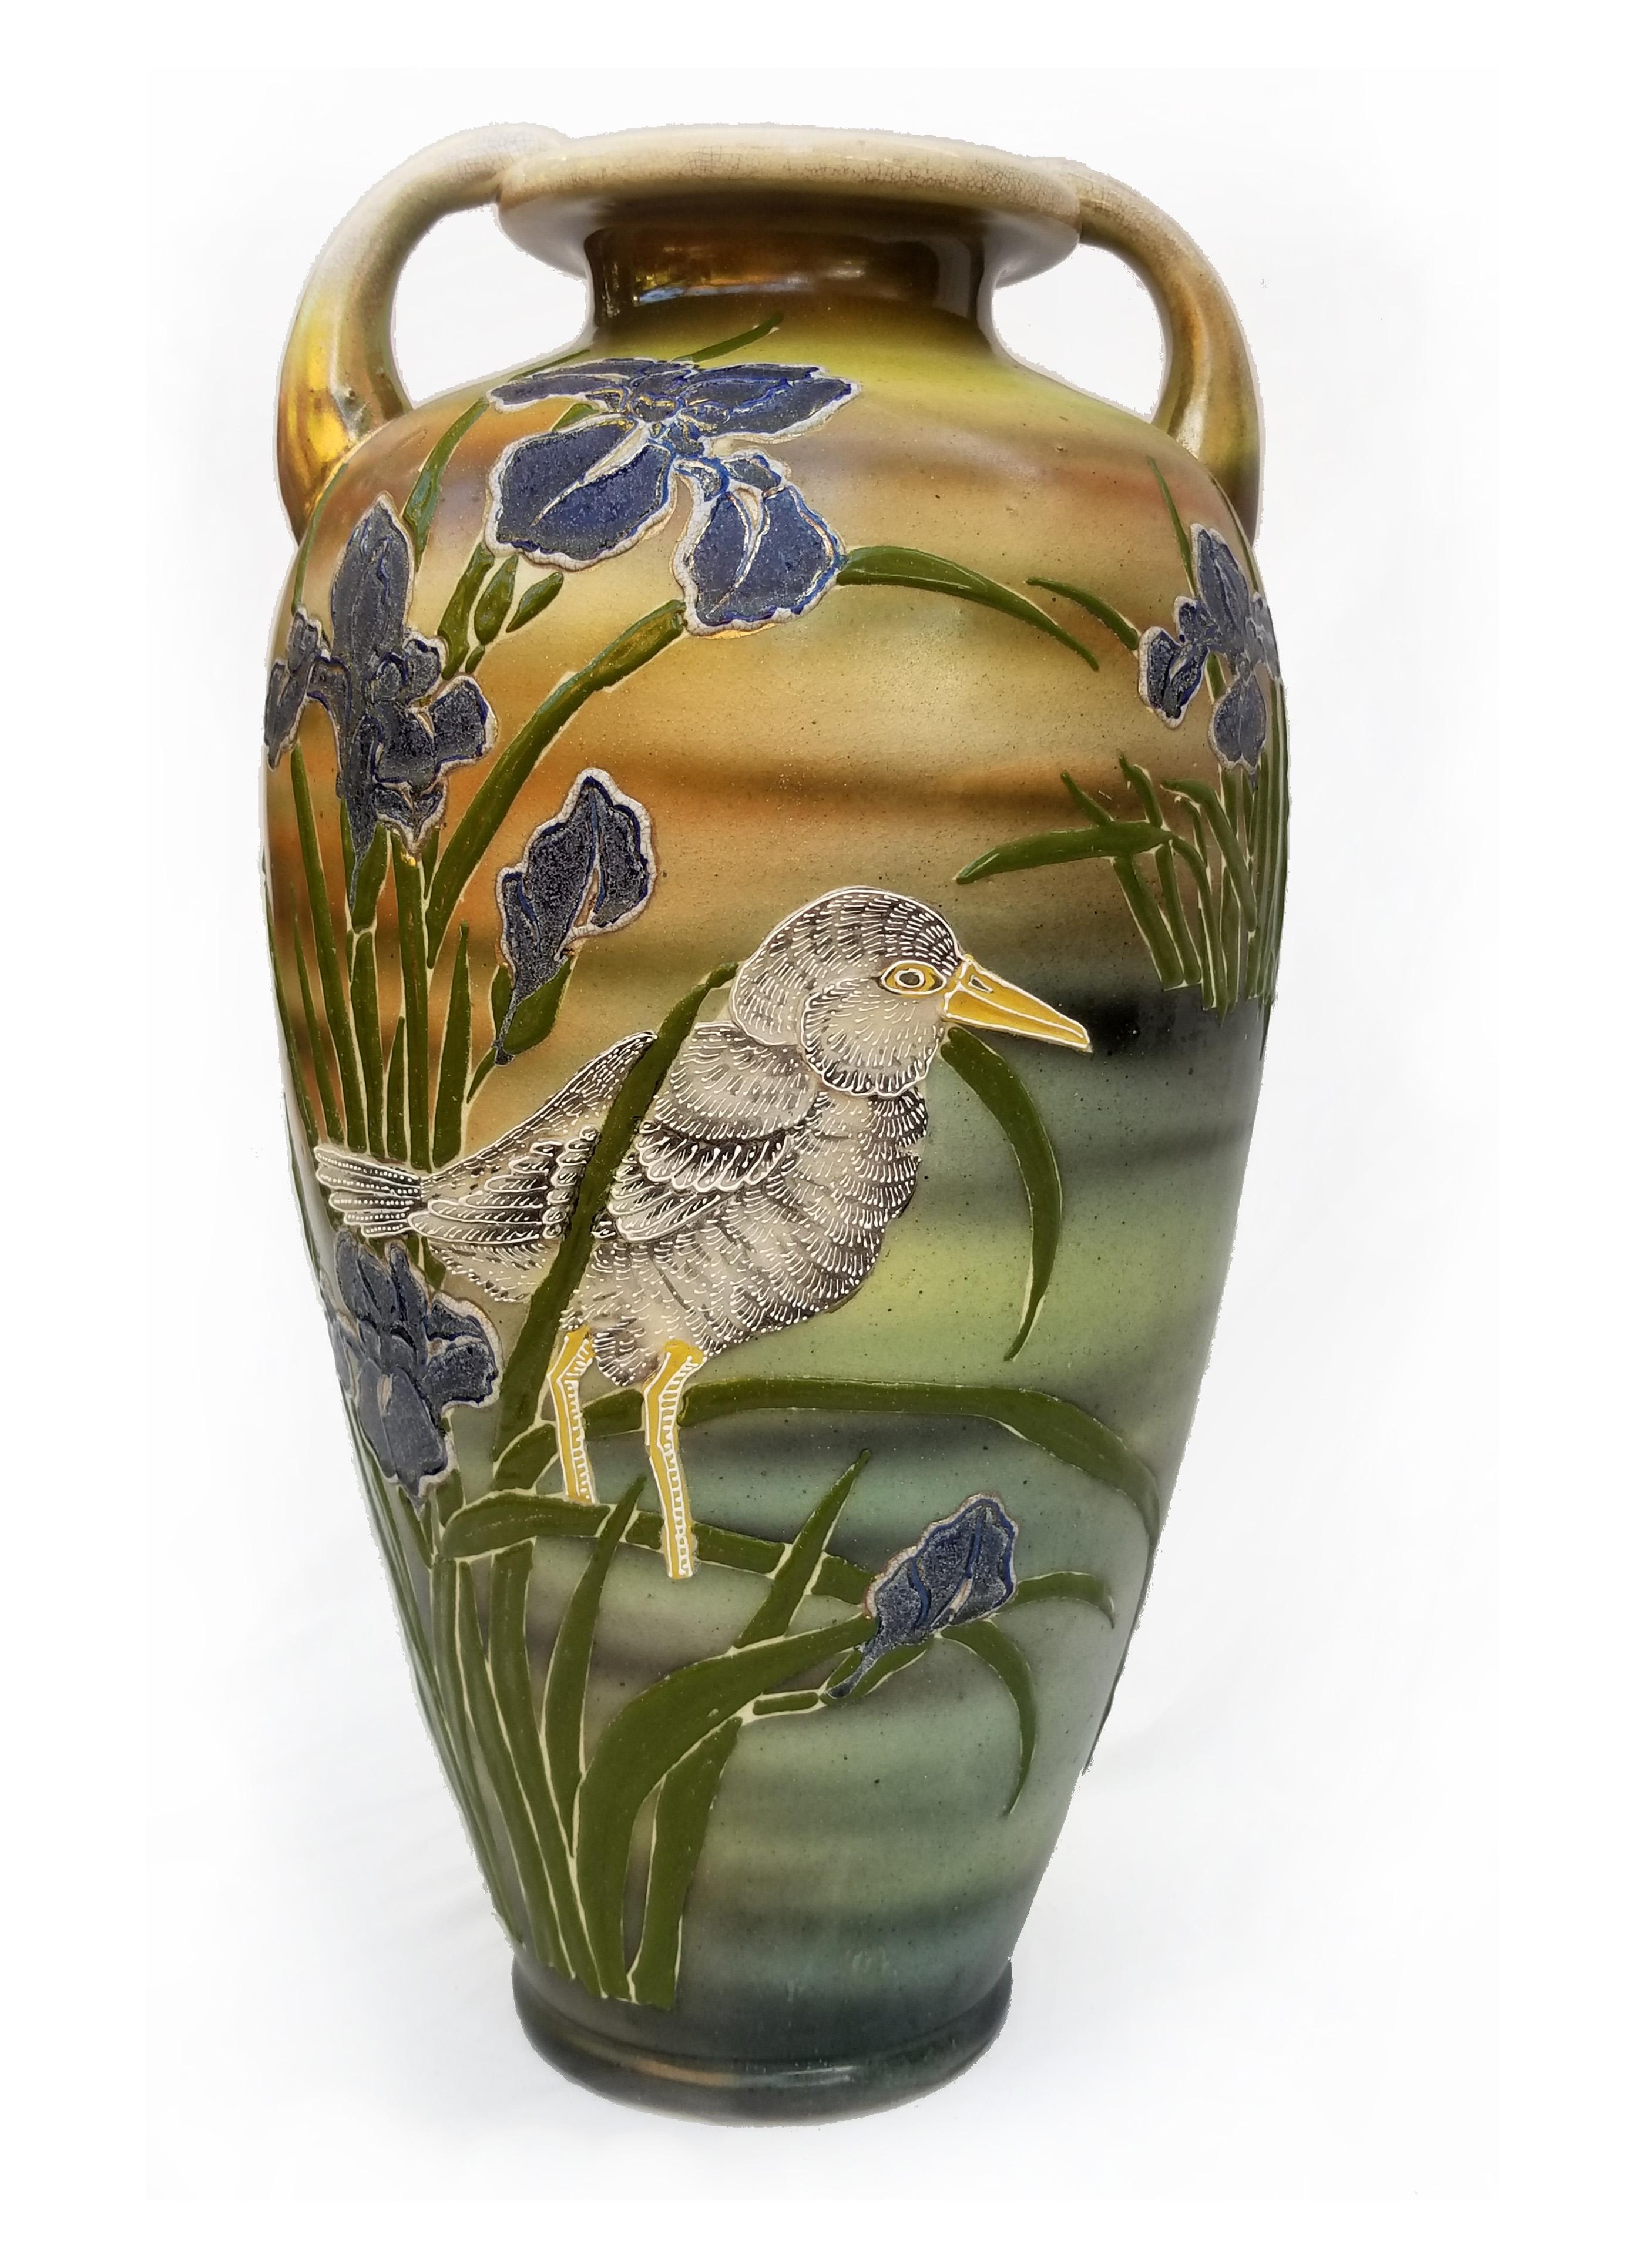 bird-and-iris-ceramic-vase-hi-res.jpg